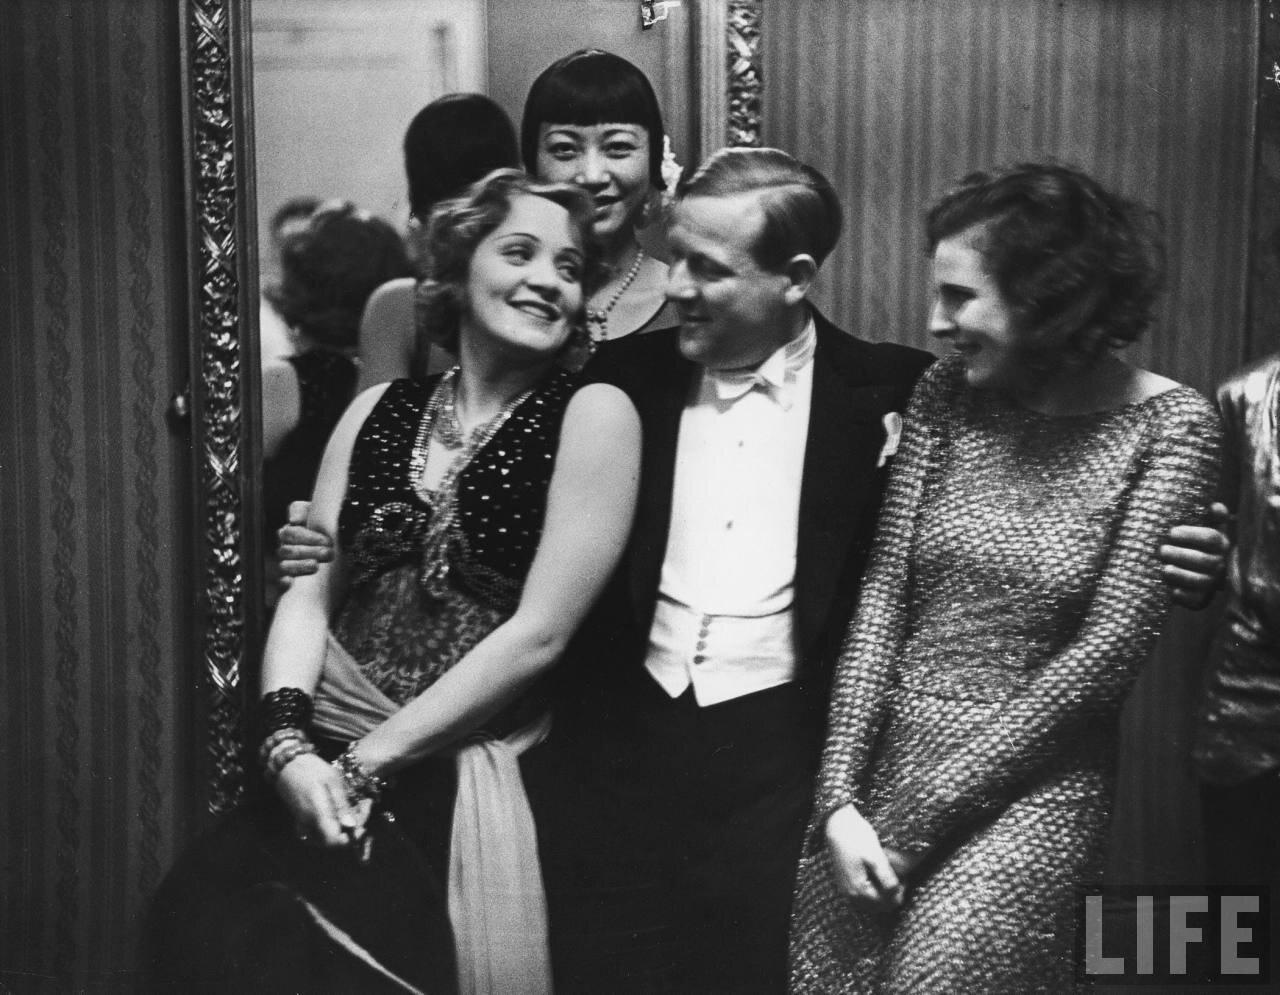 1928. Марлен Дитрих, Анна Мэй Вонг и Лени Рифеншталь на балу в Берлине